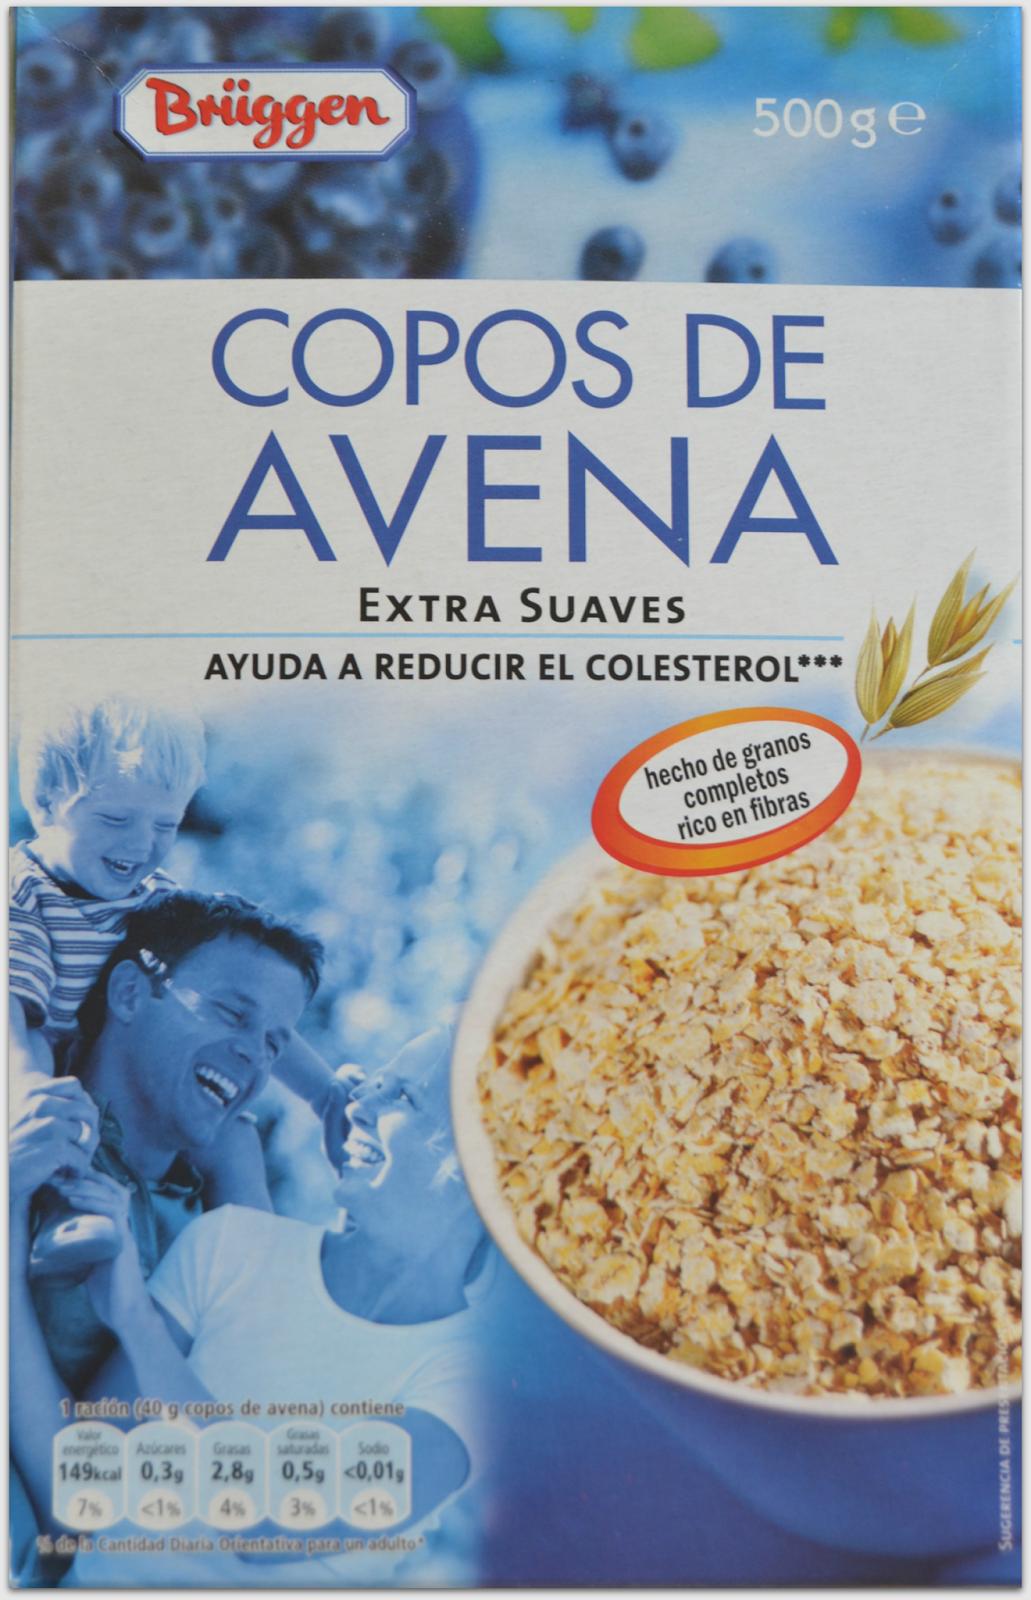 c4cd84846511a8f722fbb96790908b26 - Recetas Copos De Avena